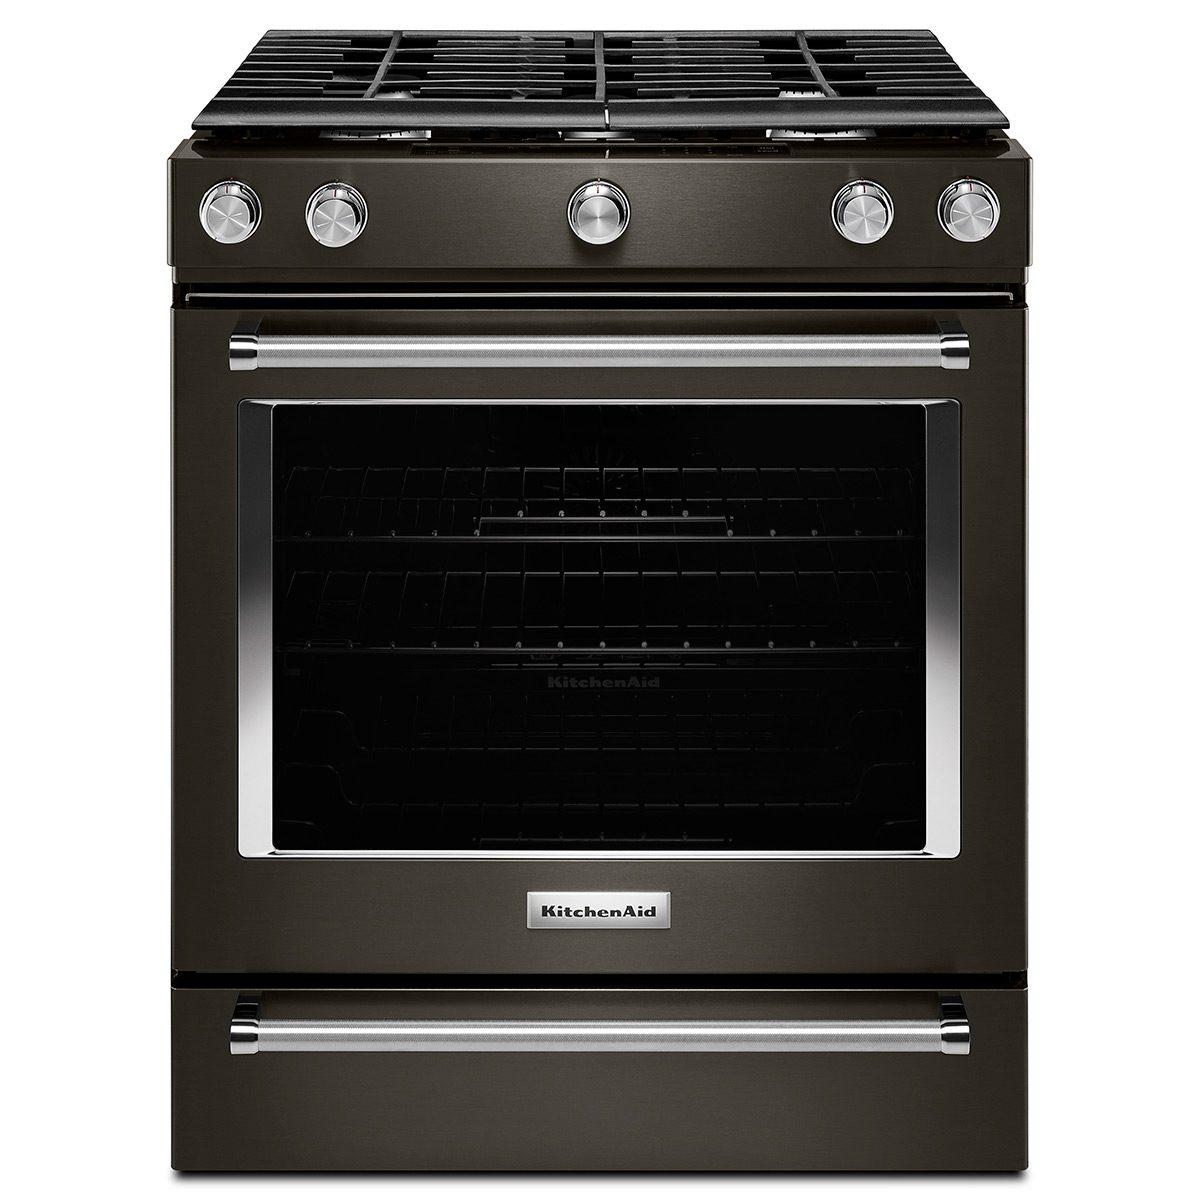 kitchenaid black stainless steel range